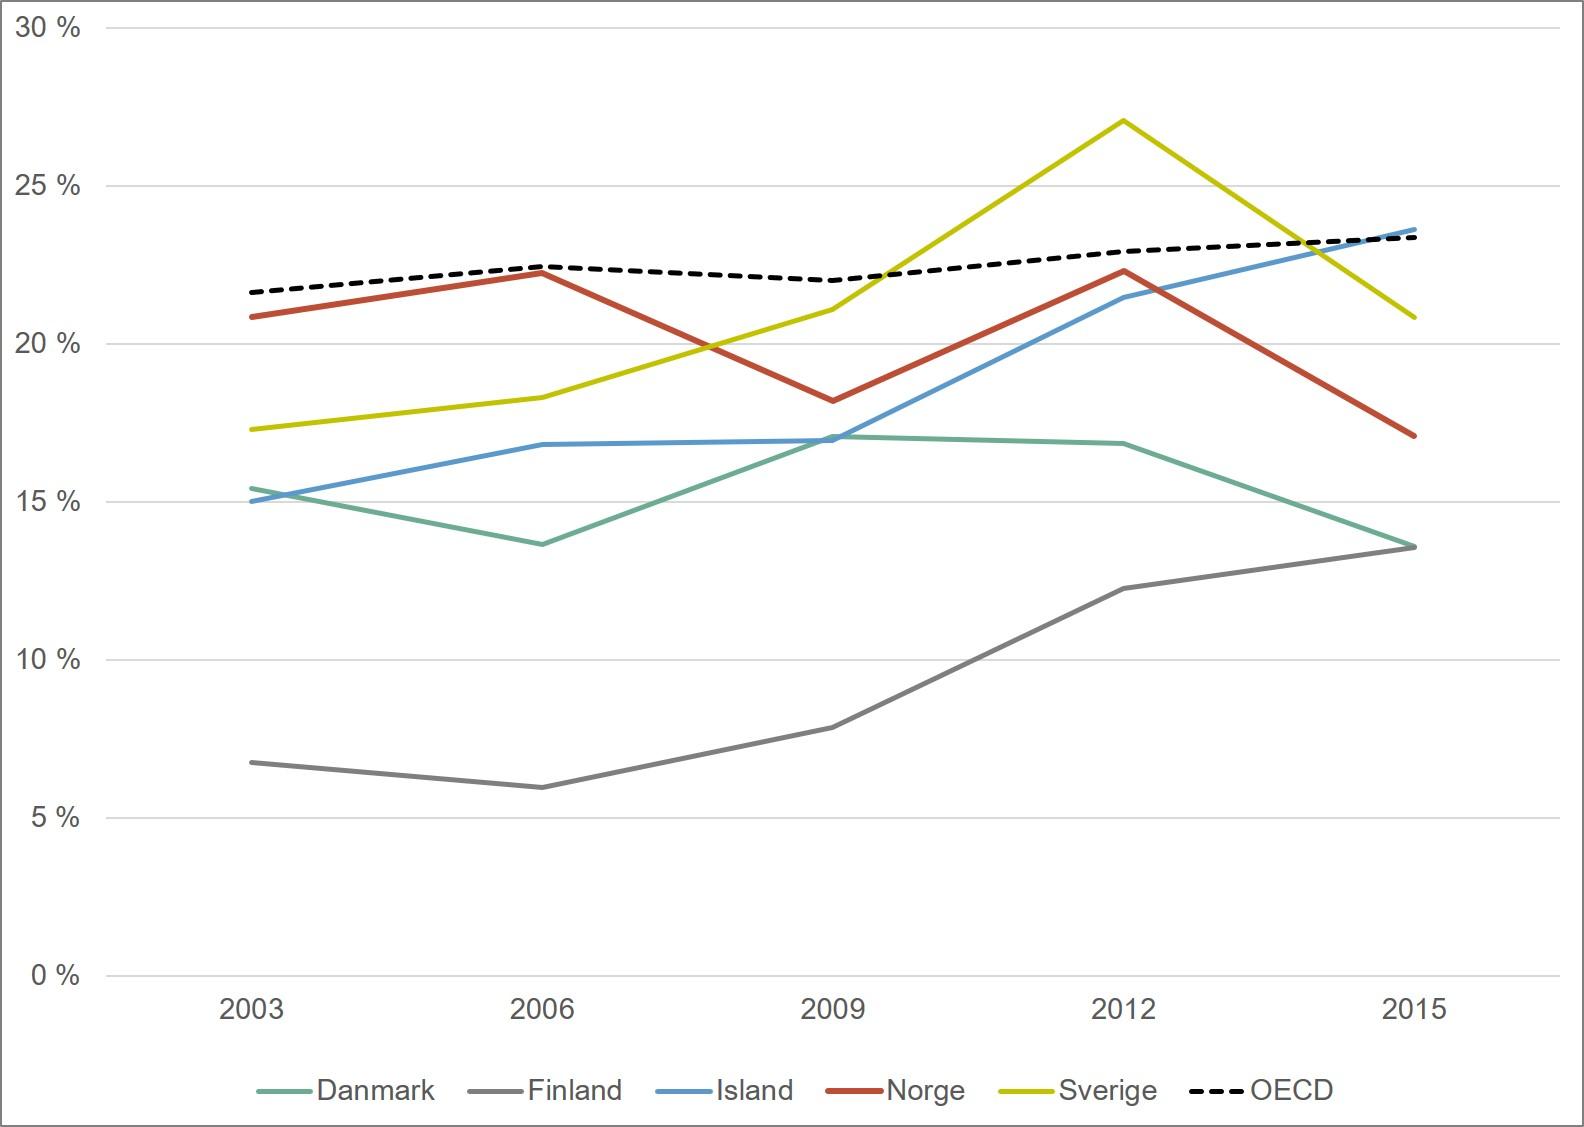 Andel elever som skårer på nivå 2 eller lavere. Nordiske land og OECD. 2003-2015. Merknad: OECD har blitt utvidet i perioden, slik at OECD-snittet ikke er helt sammenliknbart over tid.